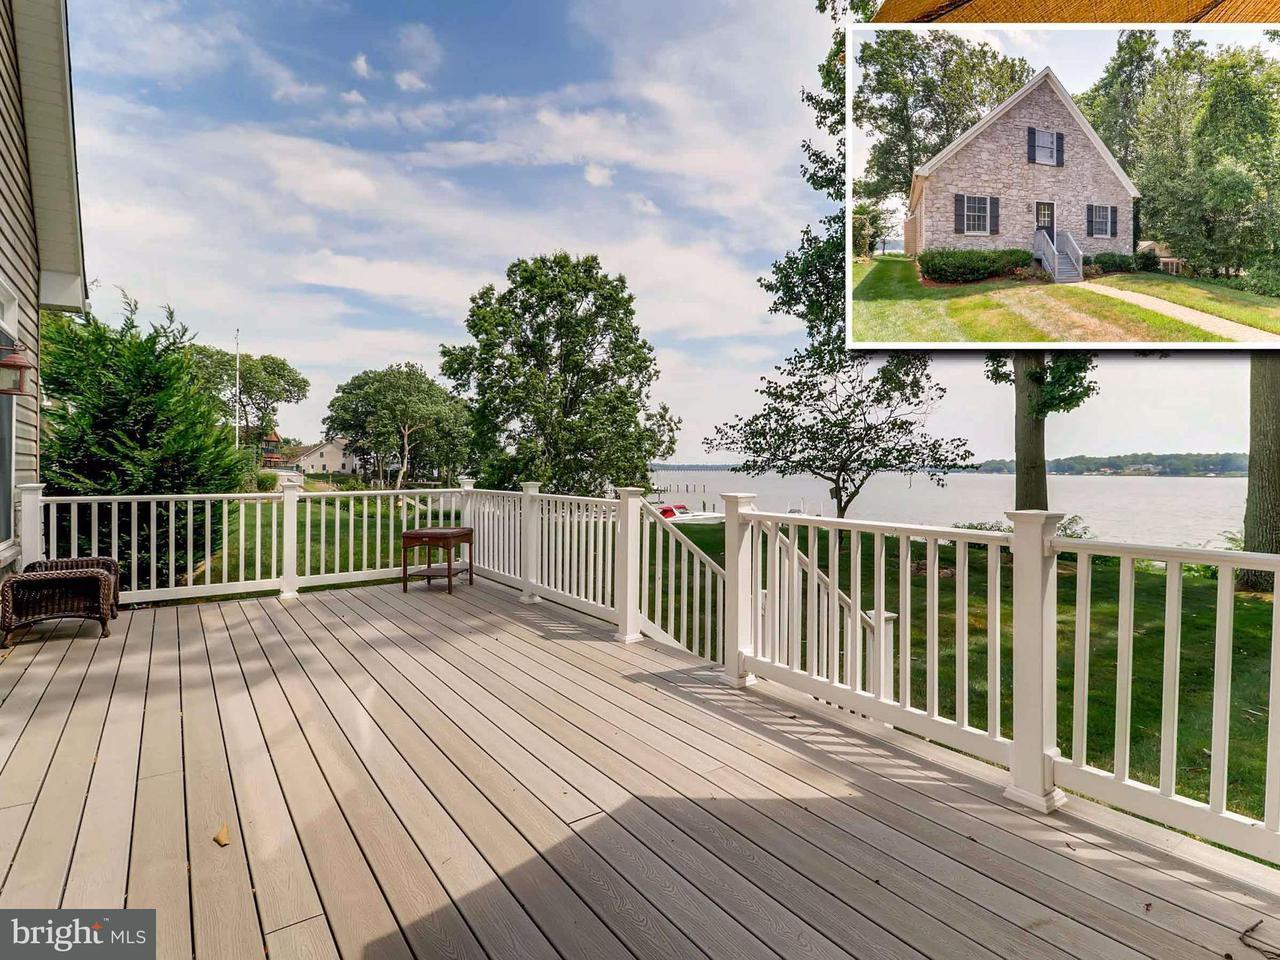 独户住宅 为 销售 在 710 BAKER AVE W 710 BAKER AVE W Abingdon, 马里兰州 21009 美国